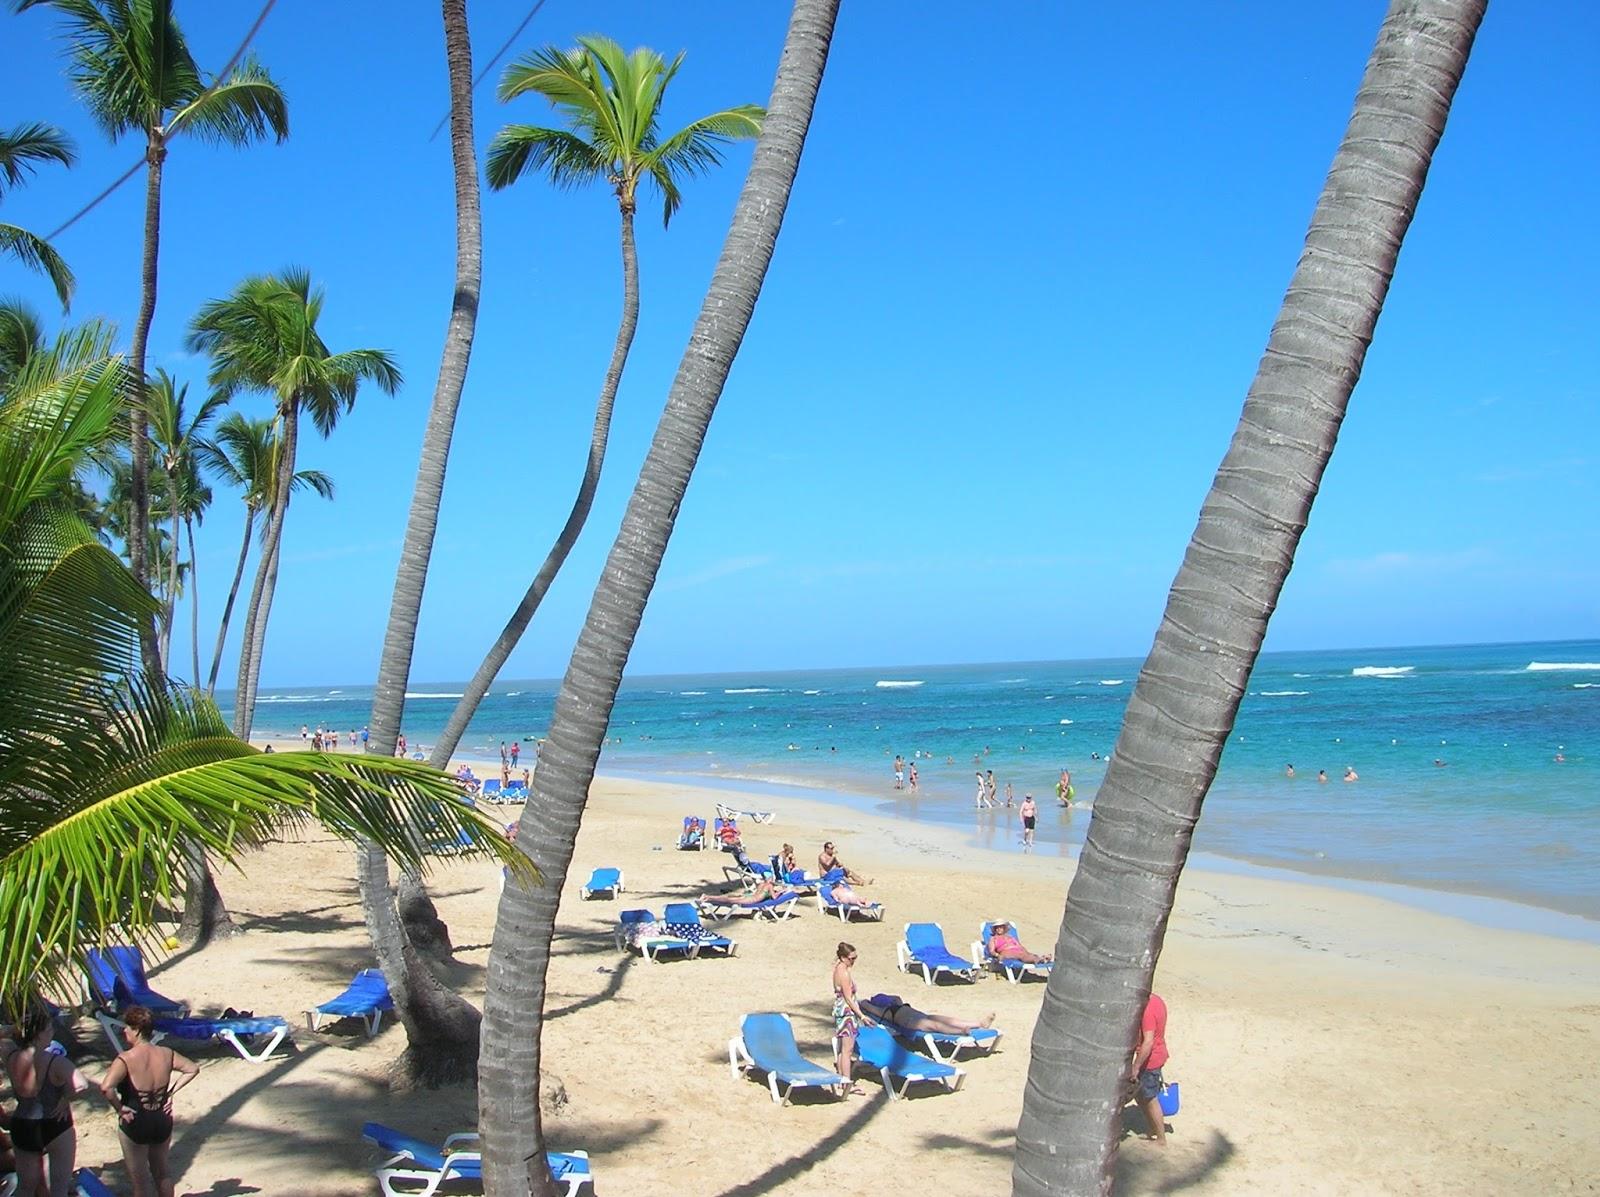 Sirenis Hotel Playa D En Bossa